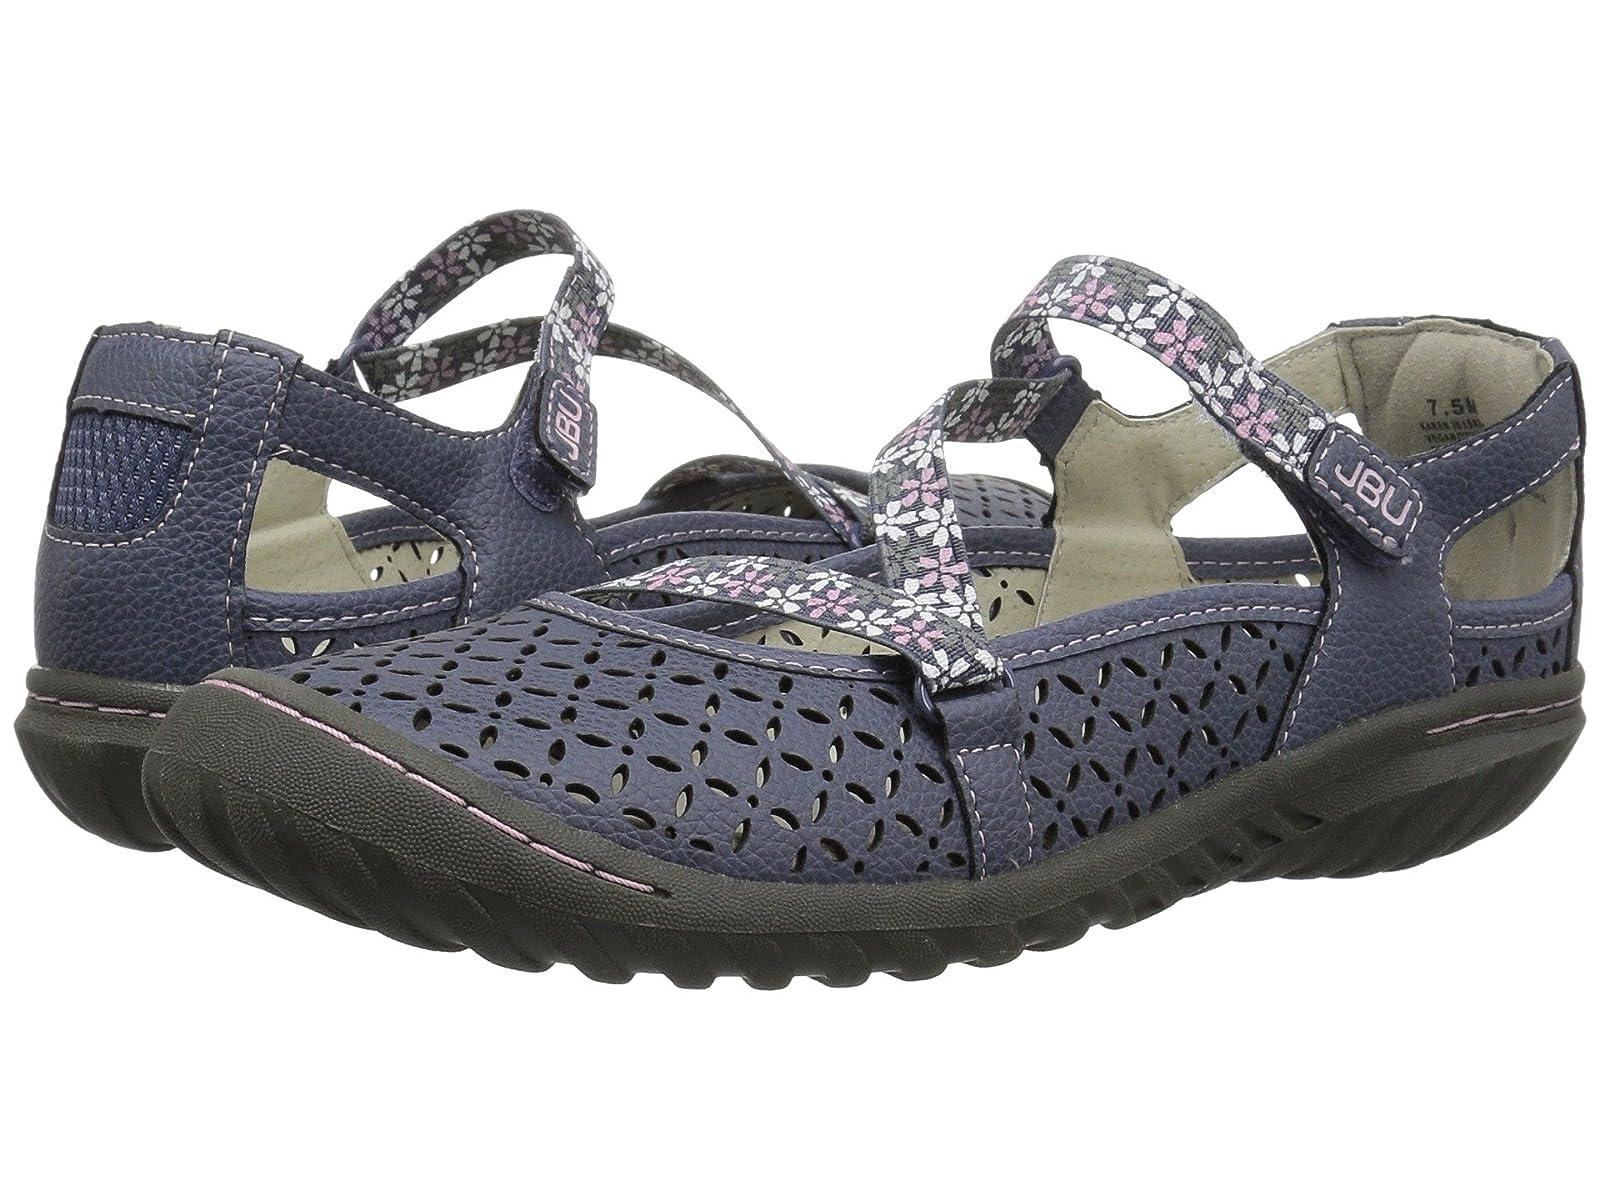 JBU KarenAtmospheric grades have affordable shoes